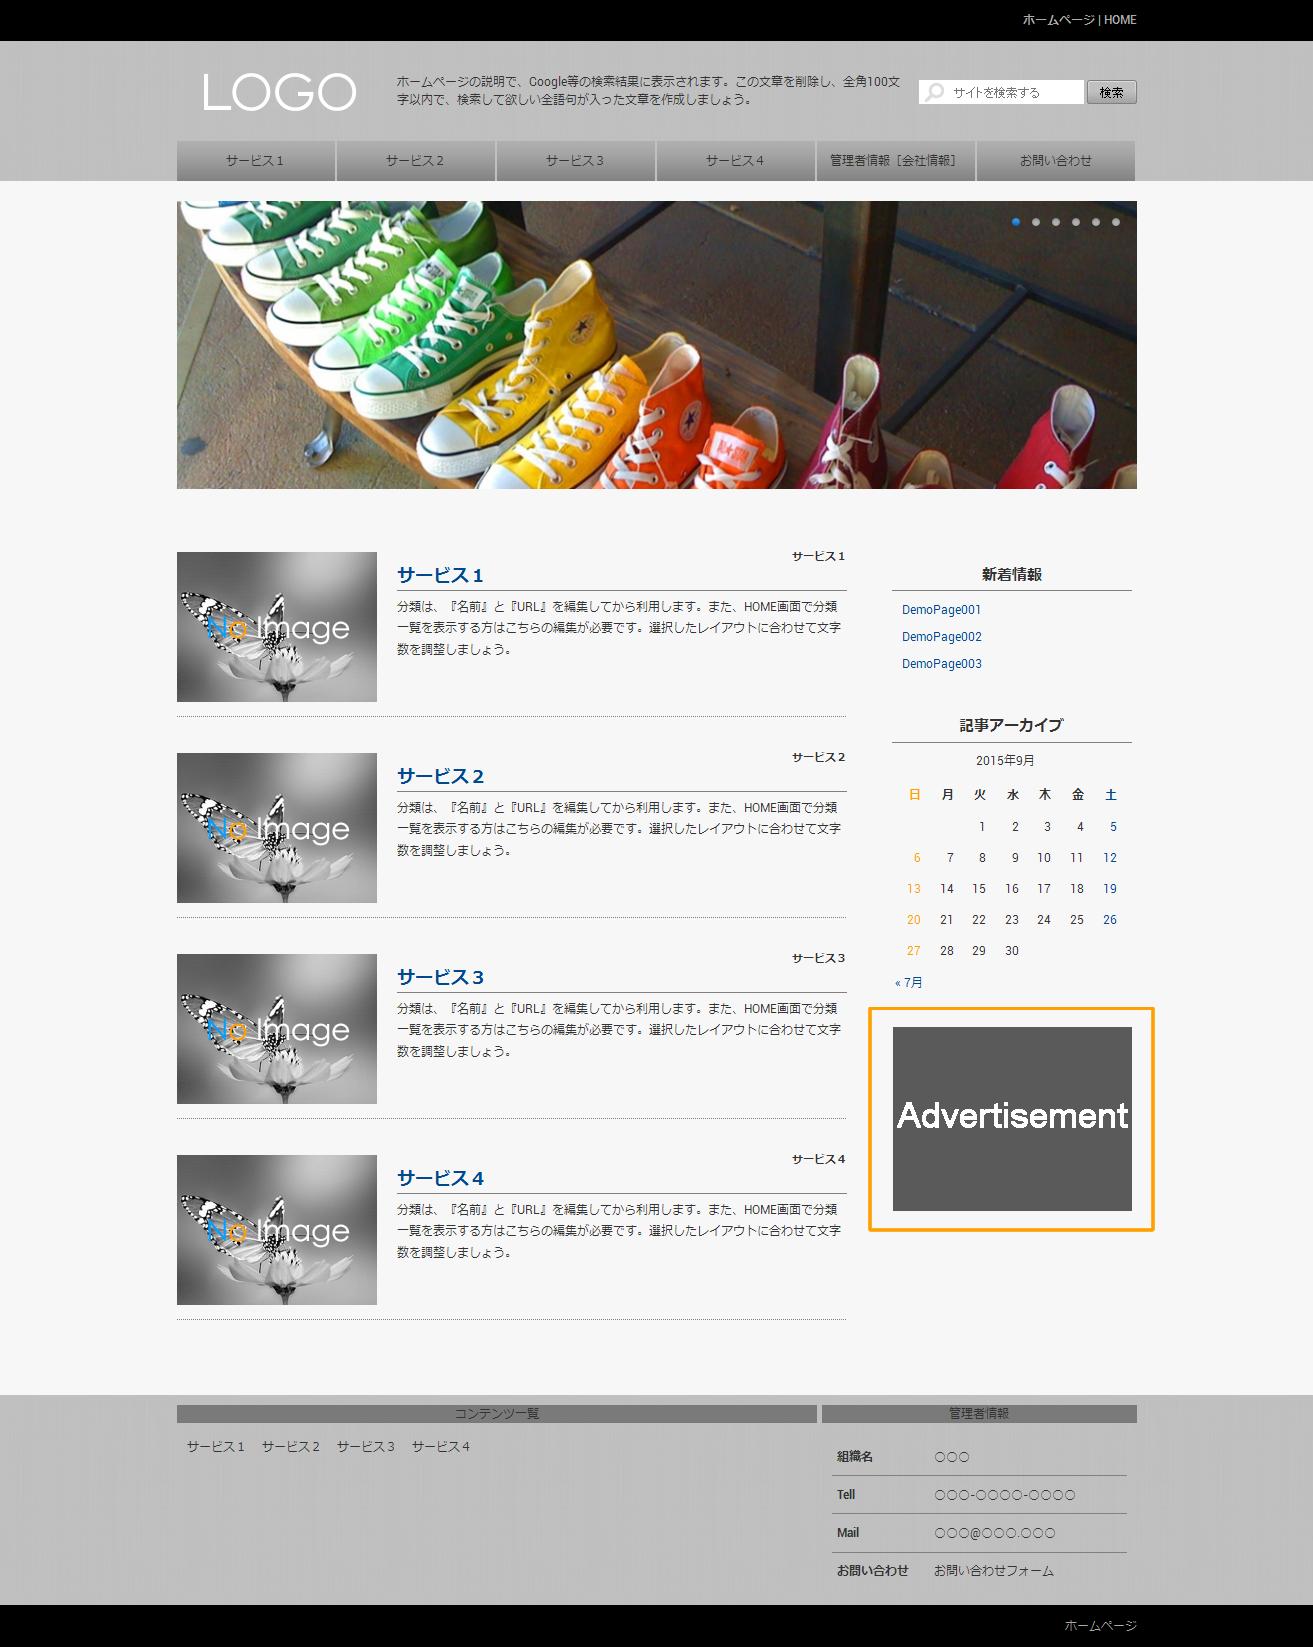 広告管理ツール 広告反映後 | 簡単格安ホームページ作成サイト - FunMaker[ファンメイカー]